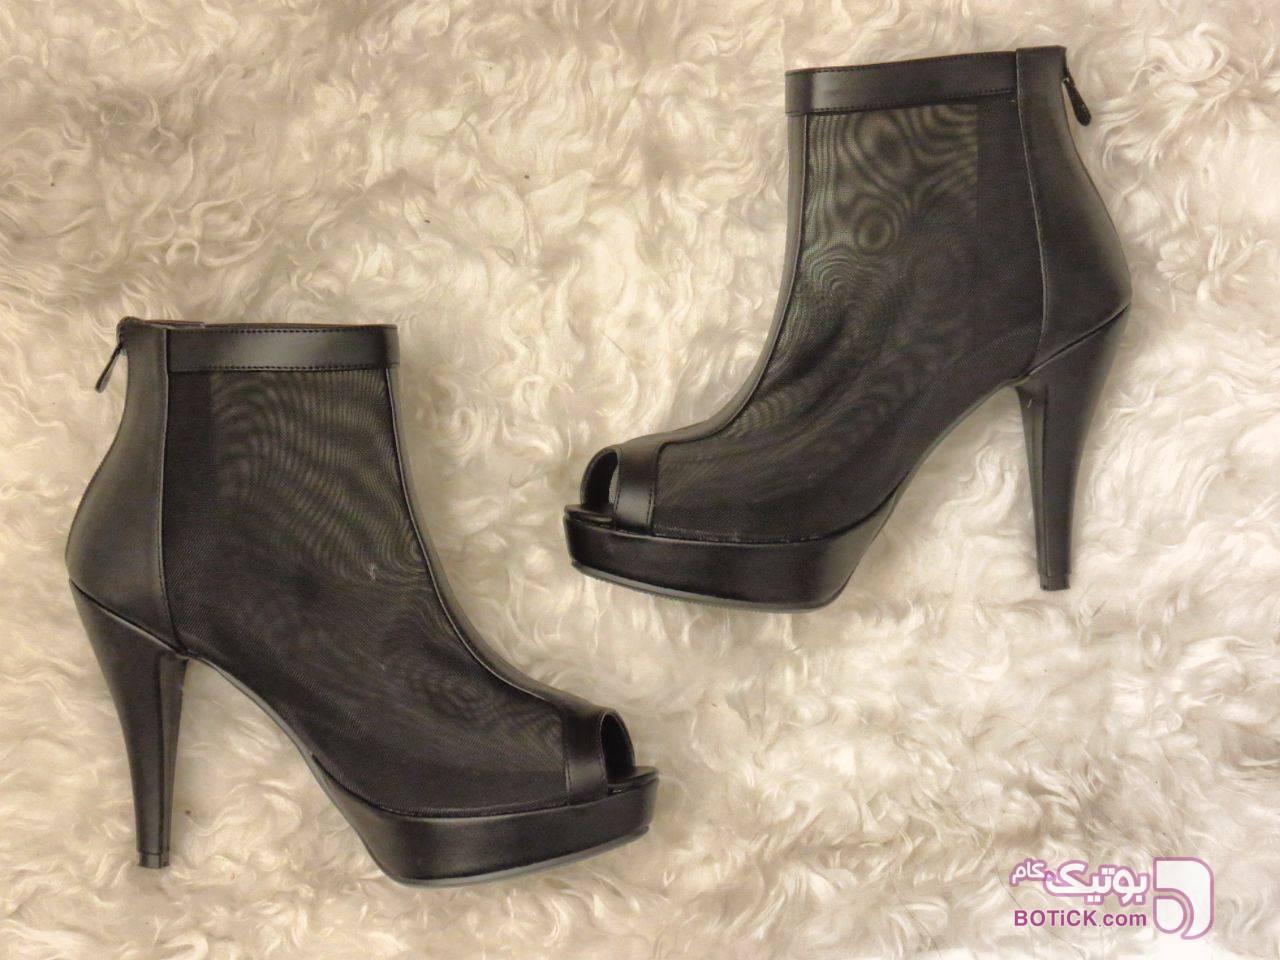 کفش مدل:پاشنه۱۰سانت پشت زیپ مشکی كفش زنانه